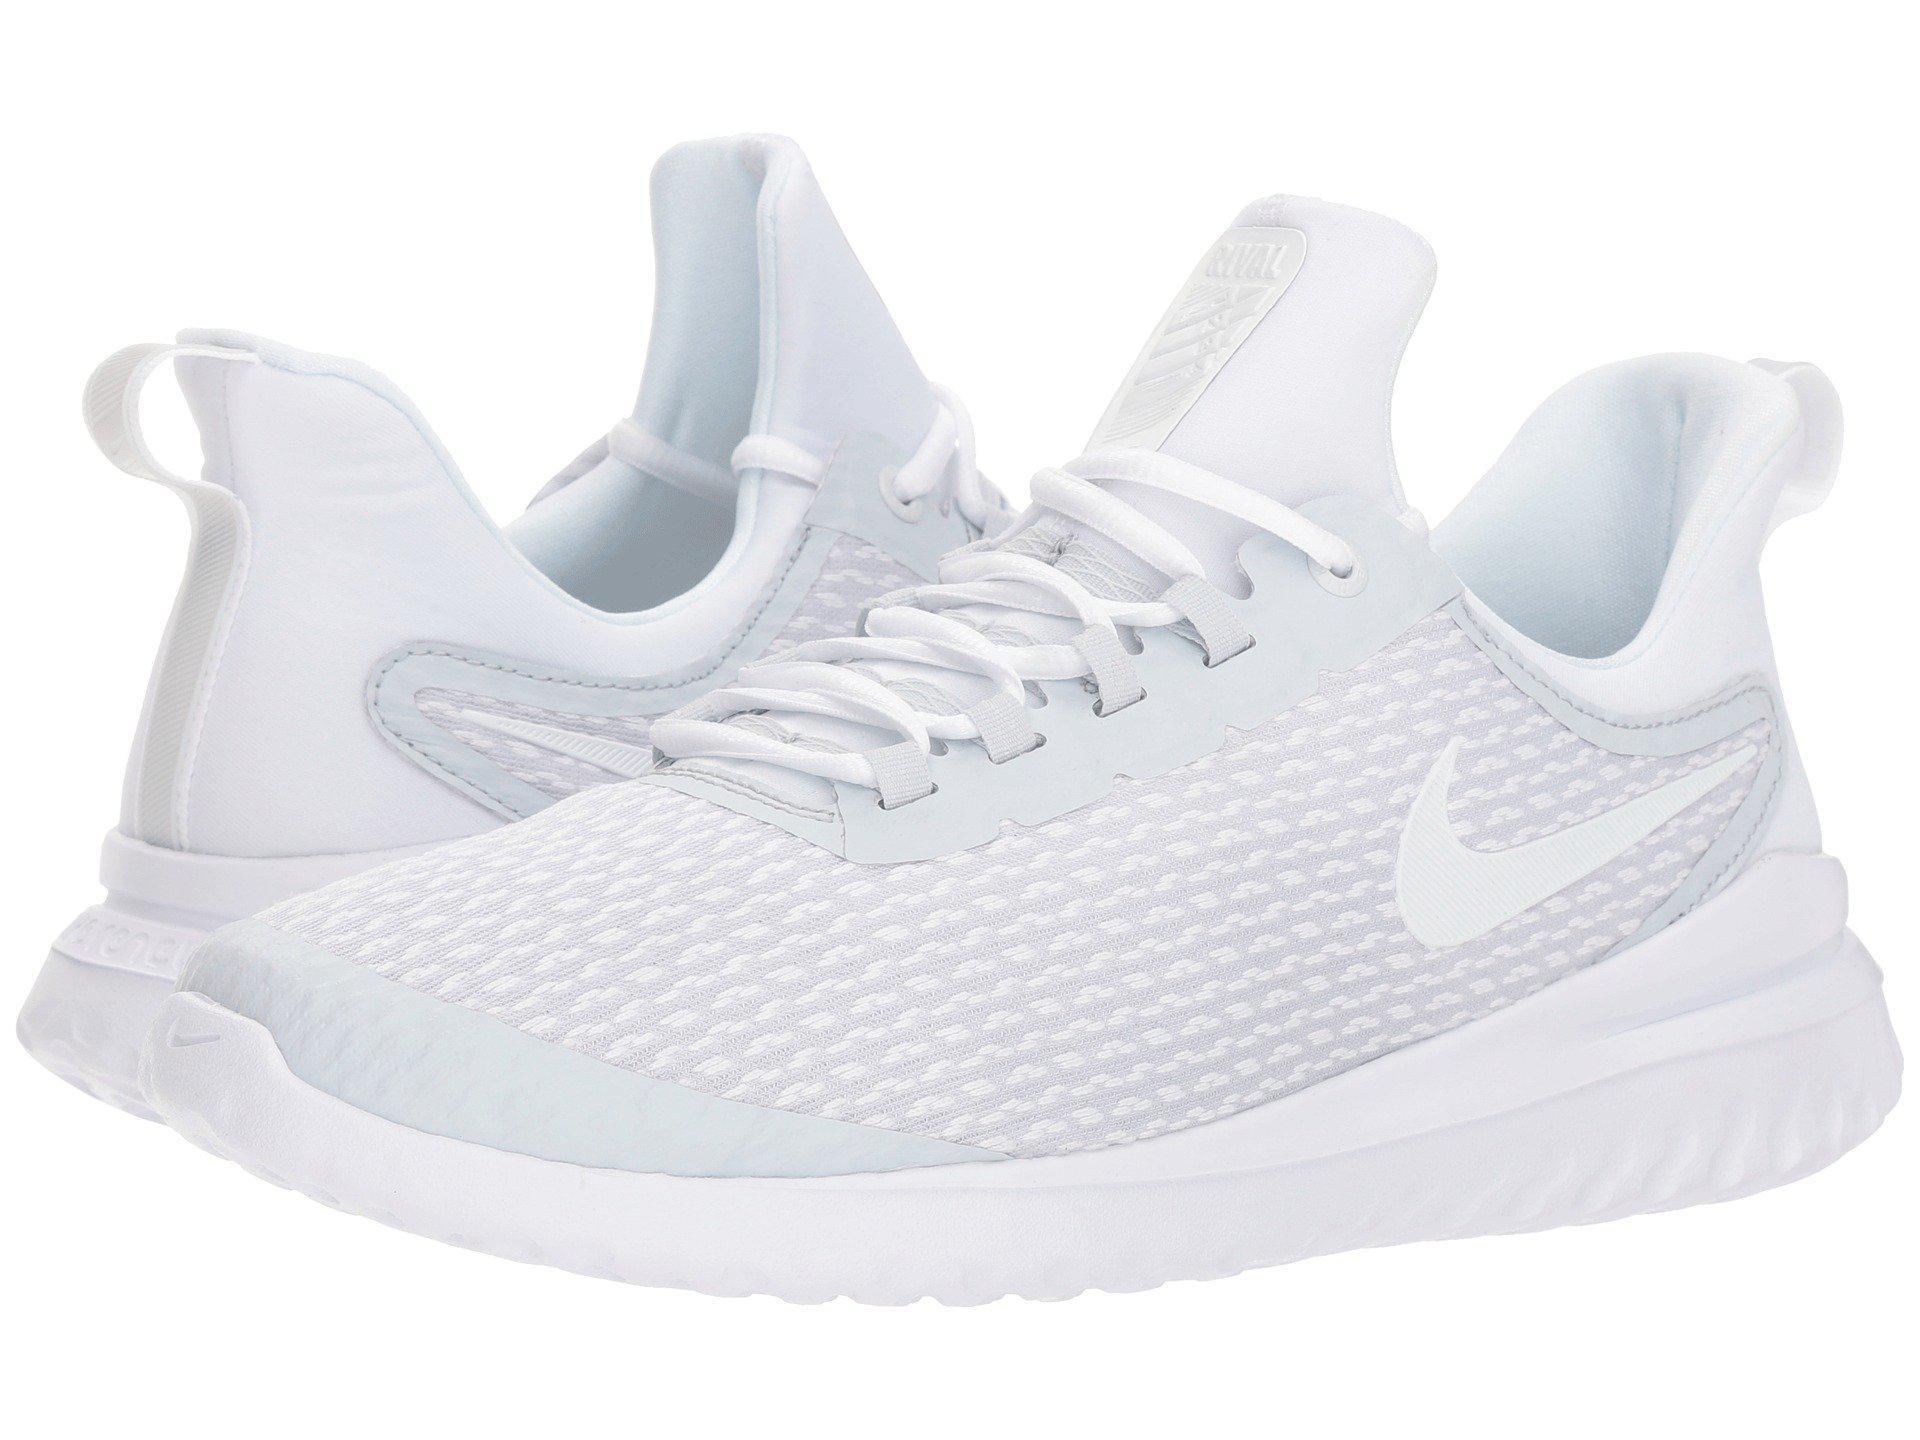 e39cfa77393 Lyst - Nike Renew Rival in White for Men